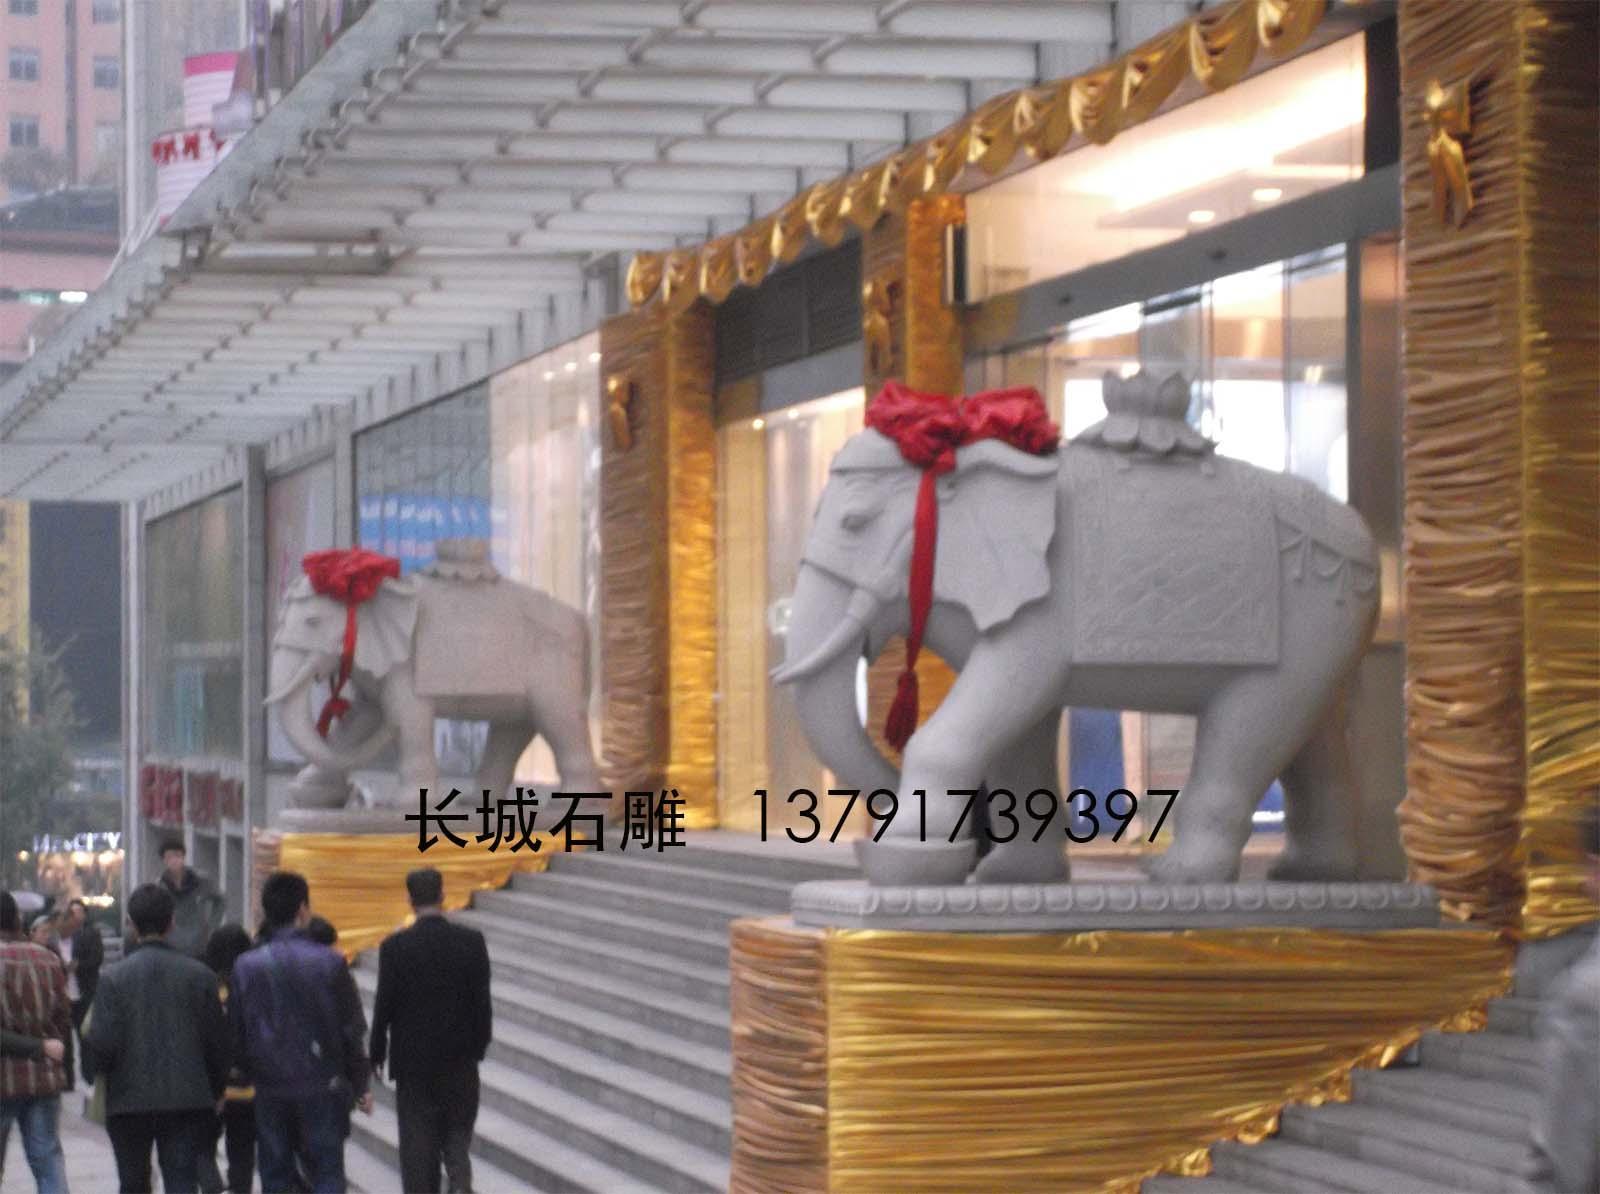 石雕大象摆放在酒店的门口可以招财